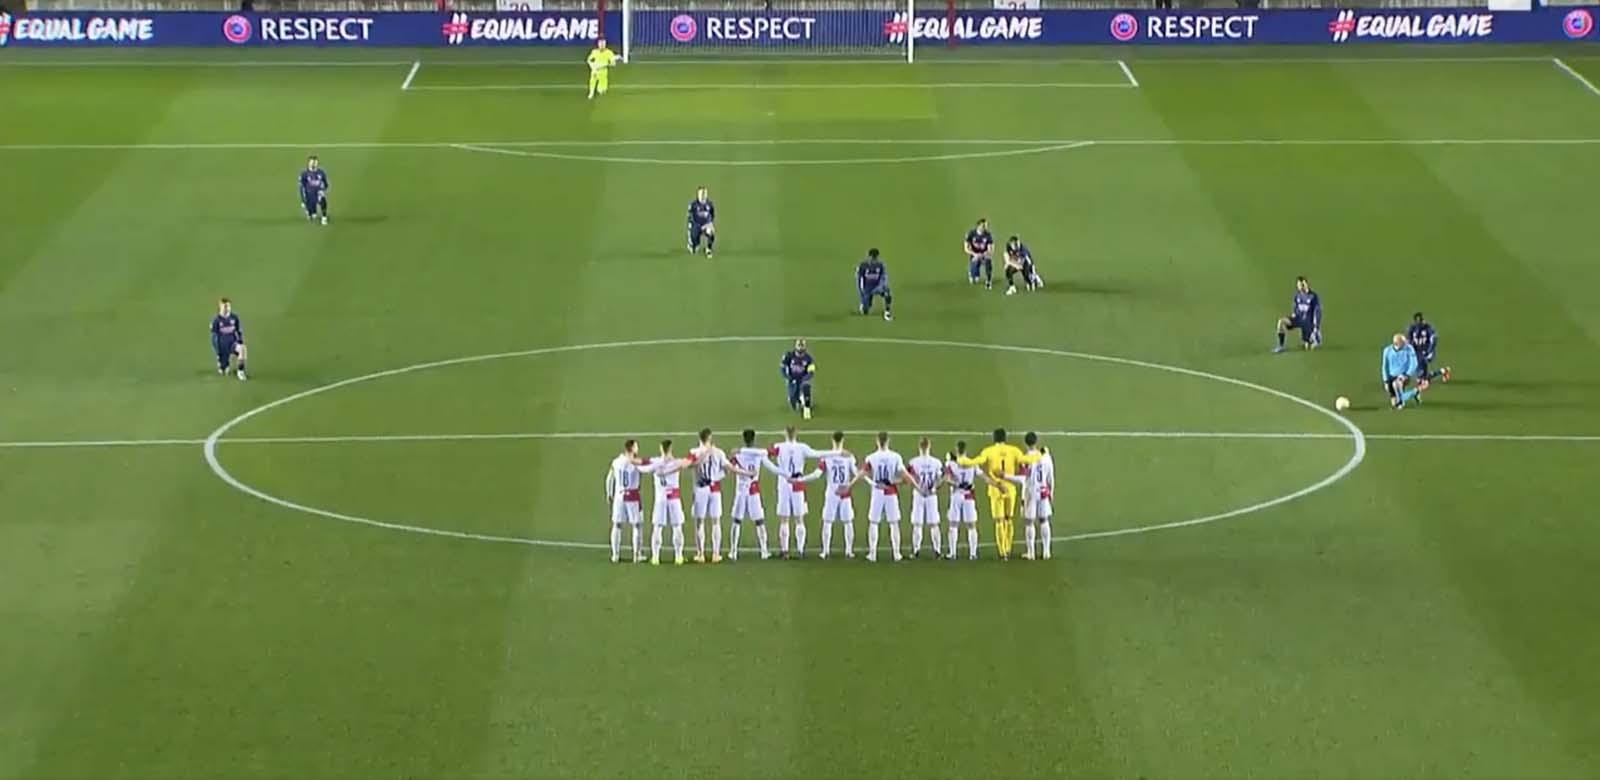 Arsenal - Slavia Prag maçında tepki çeken anlar! Slavia Praglı oyuncular ırkçılığa karşı diz çökmedi